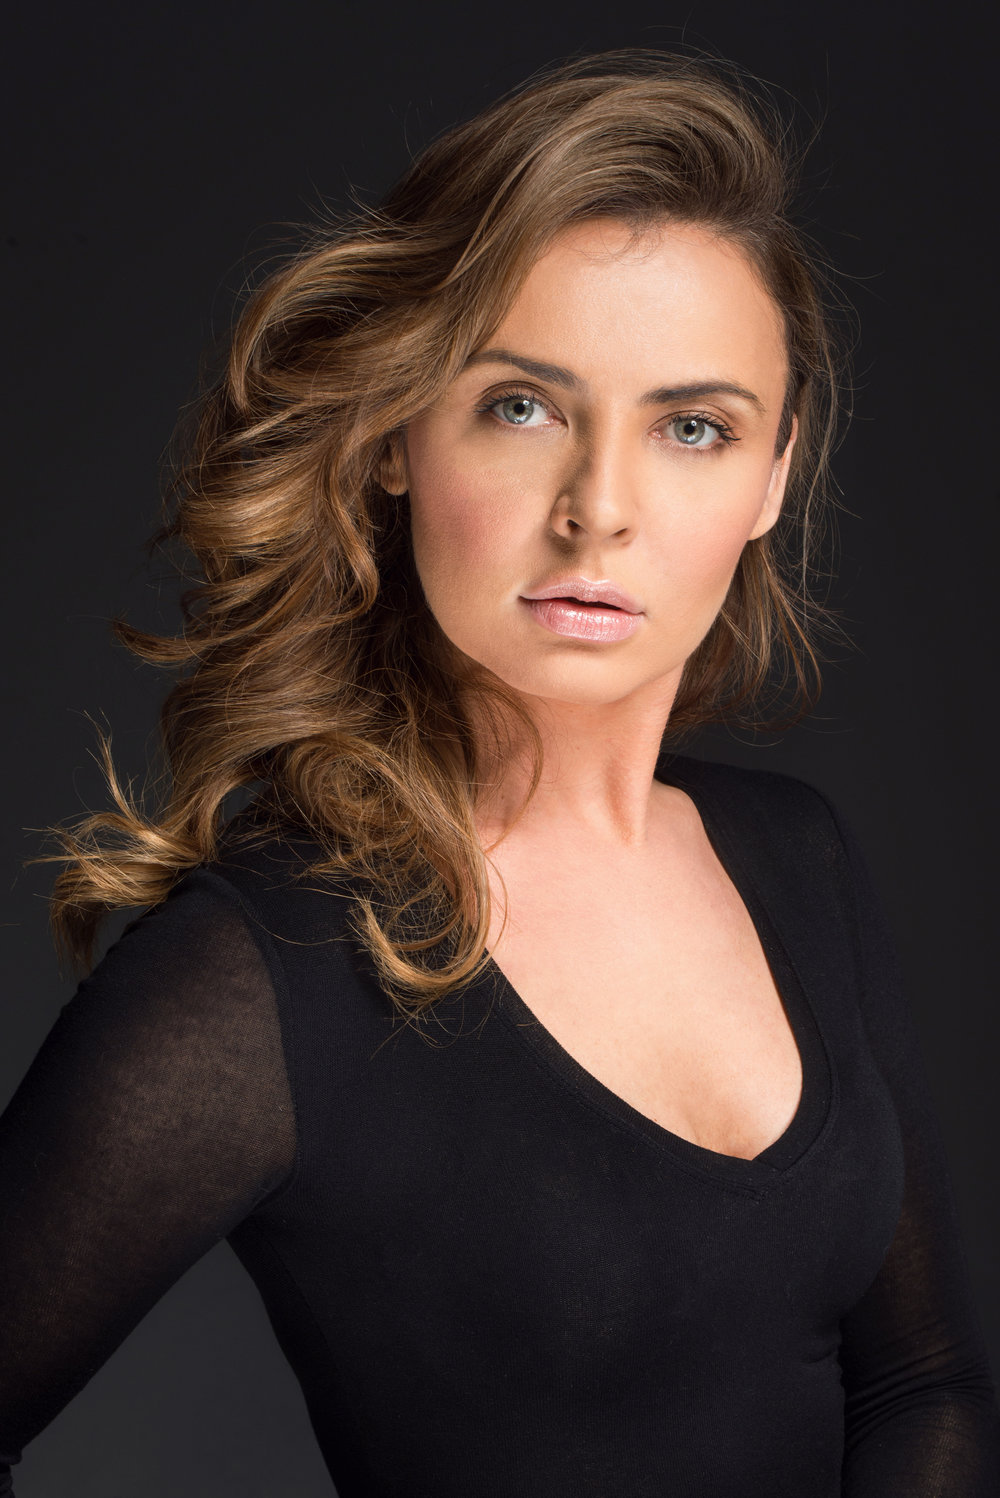 Model: Justyna Krolkiewicz  Agency: Salt Models